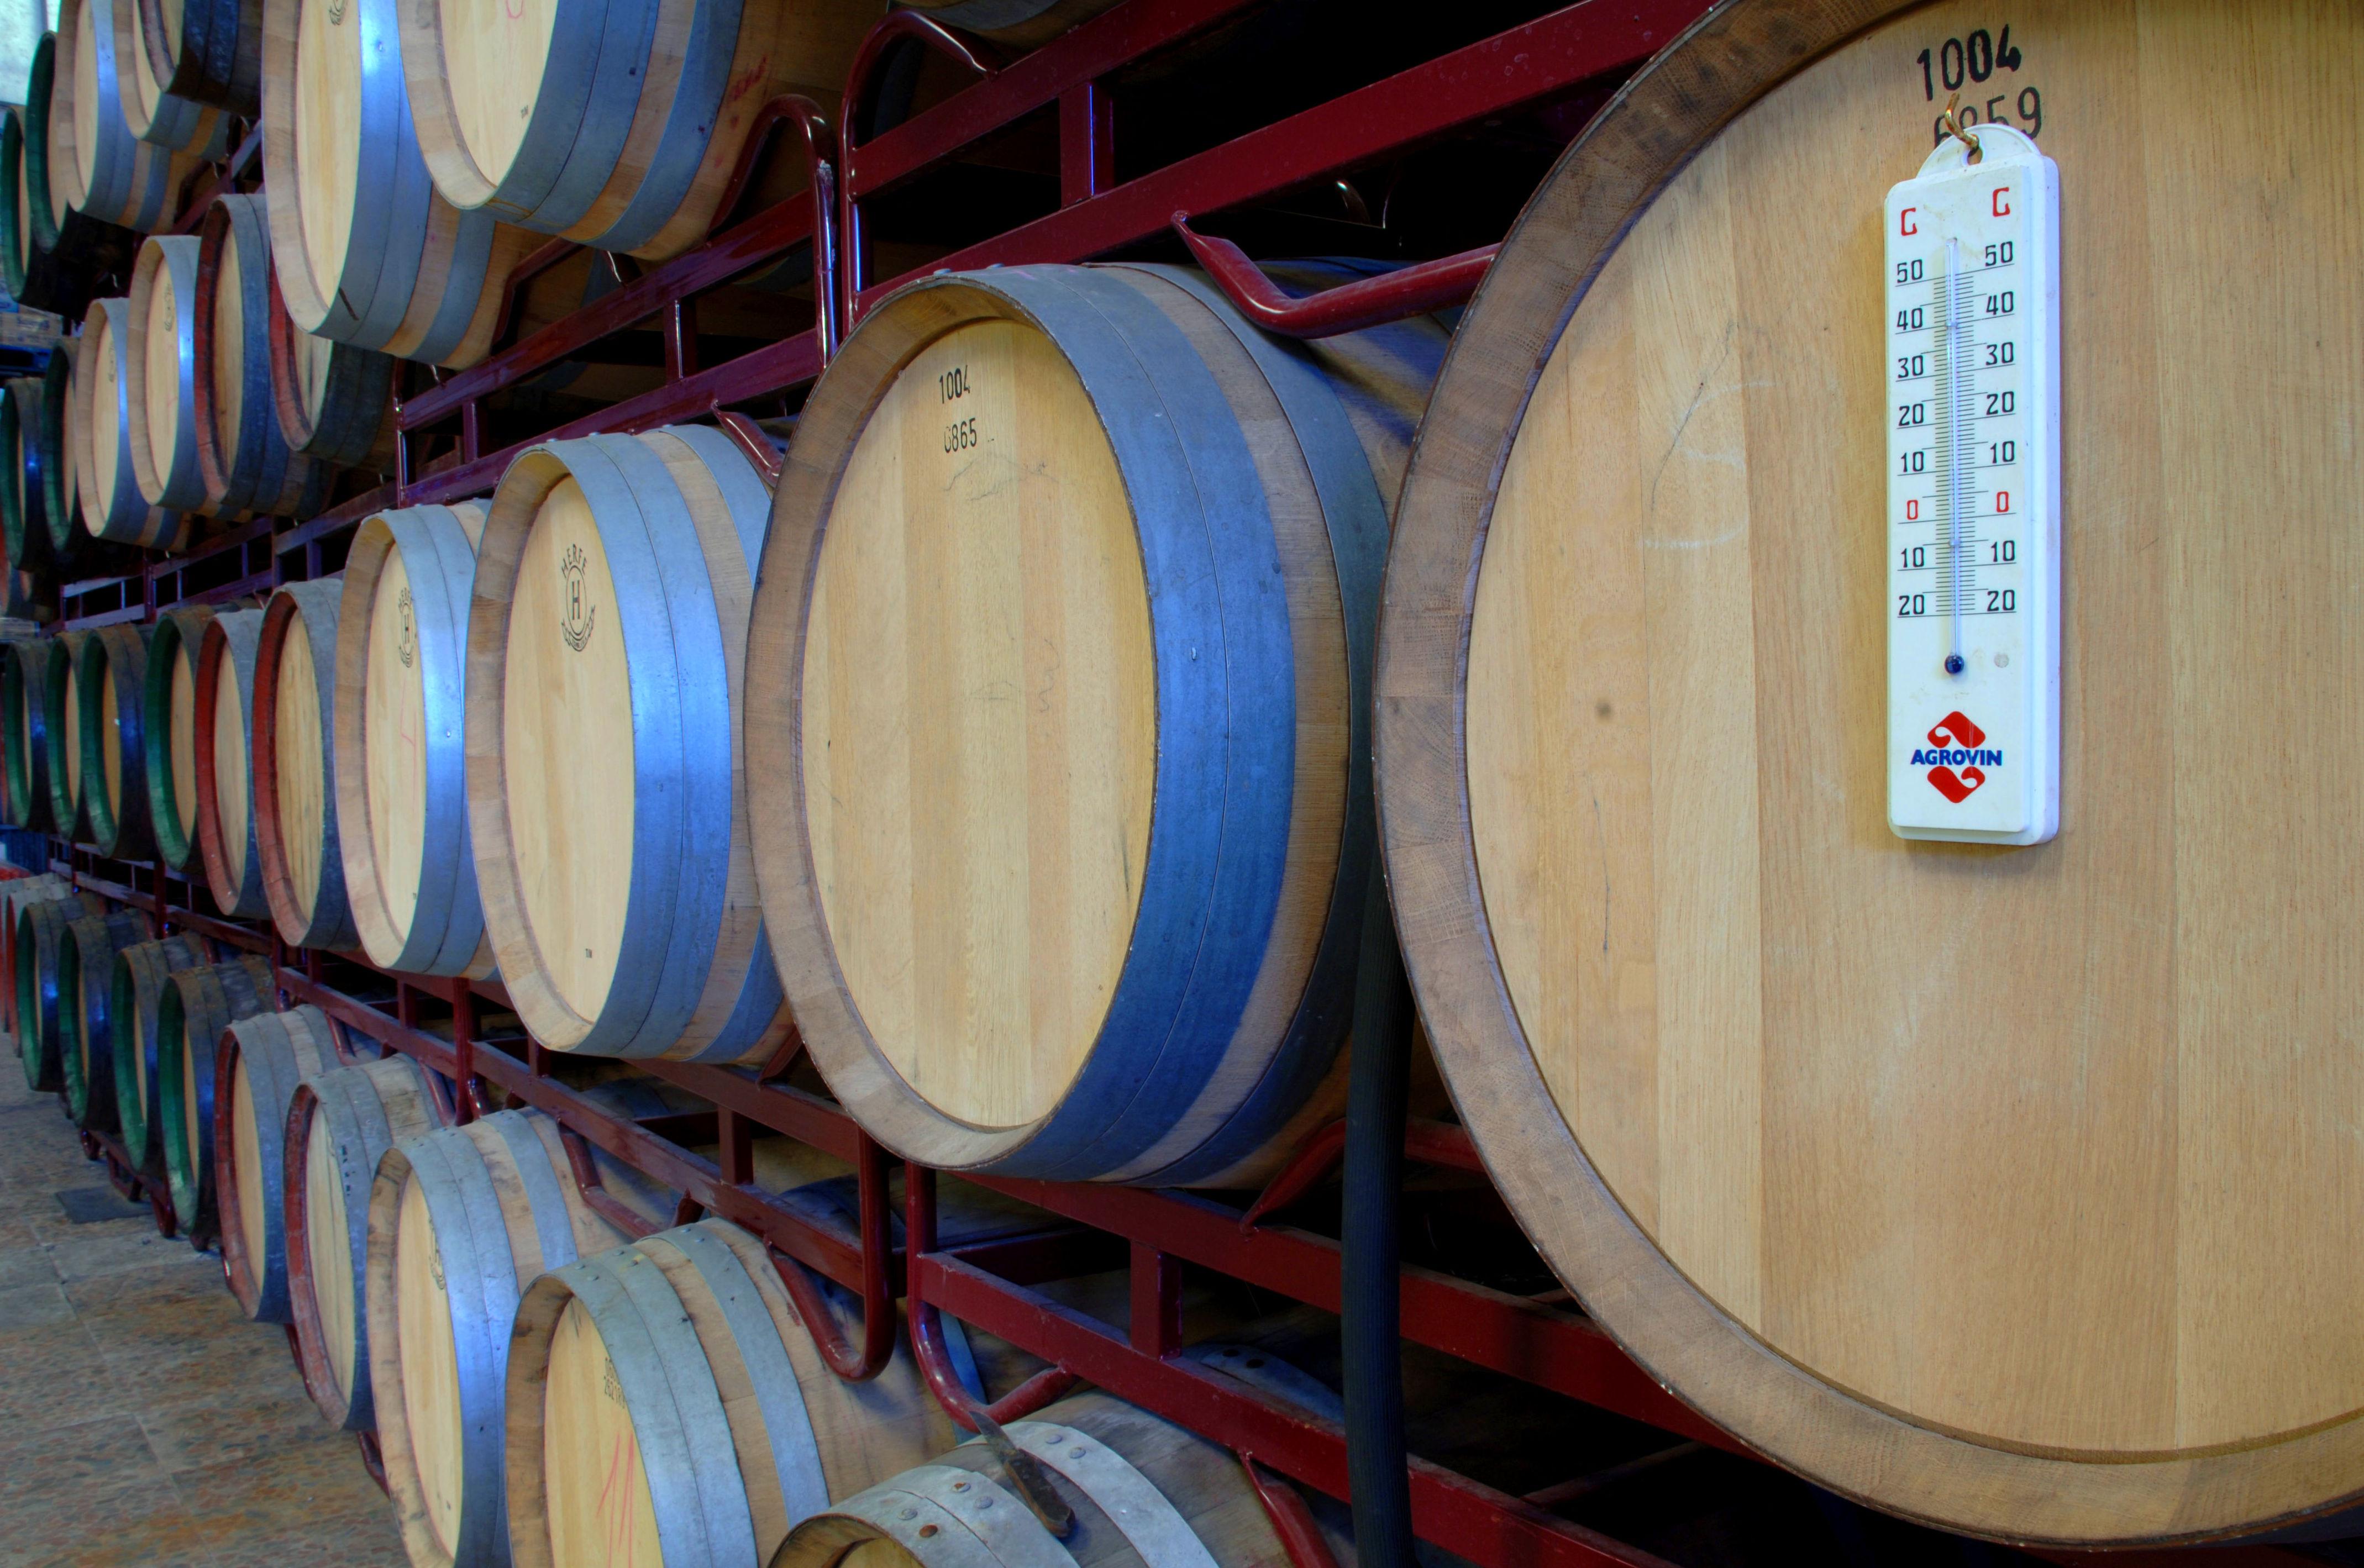 Foto 12 de Venta de vinos con denominación de origen Mondejar en Mondéjar | Bodegas Mariscal